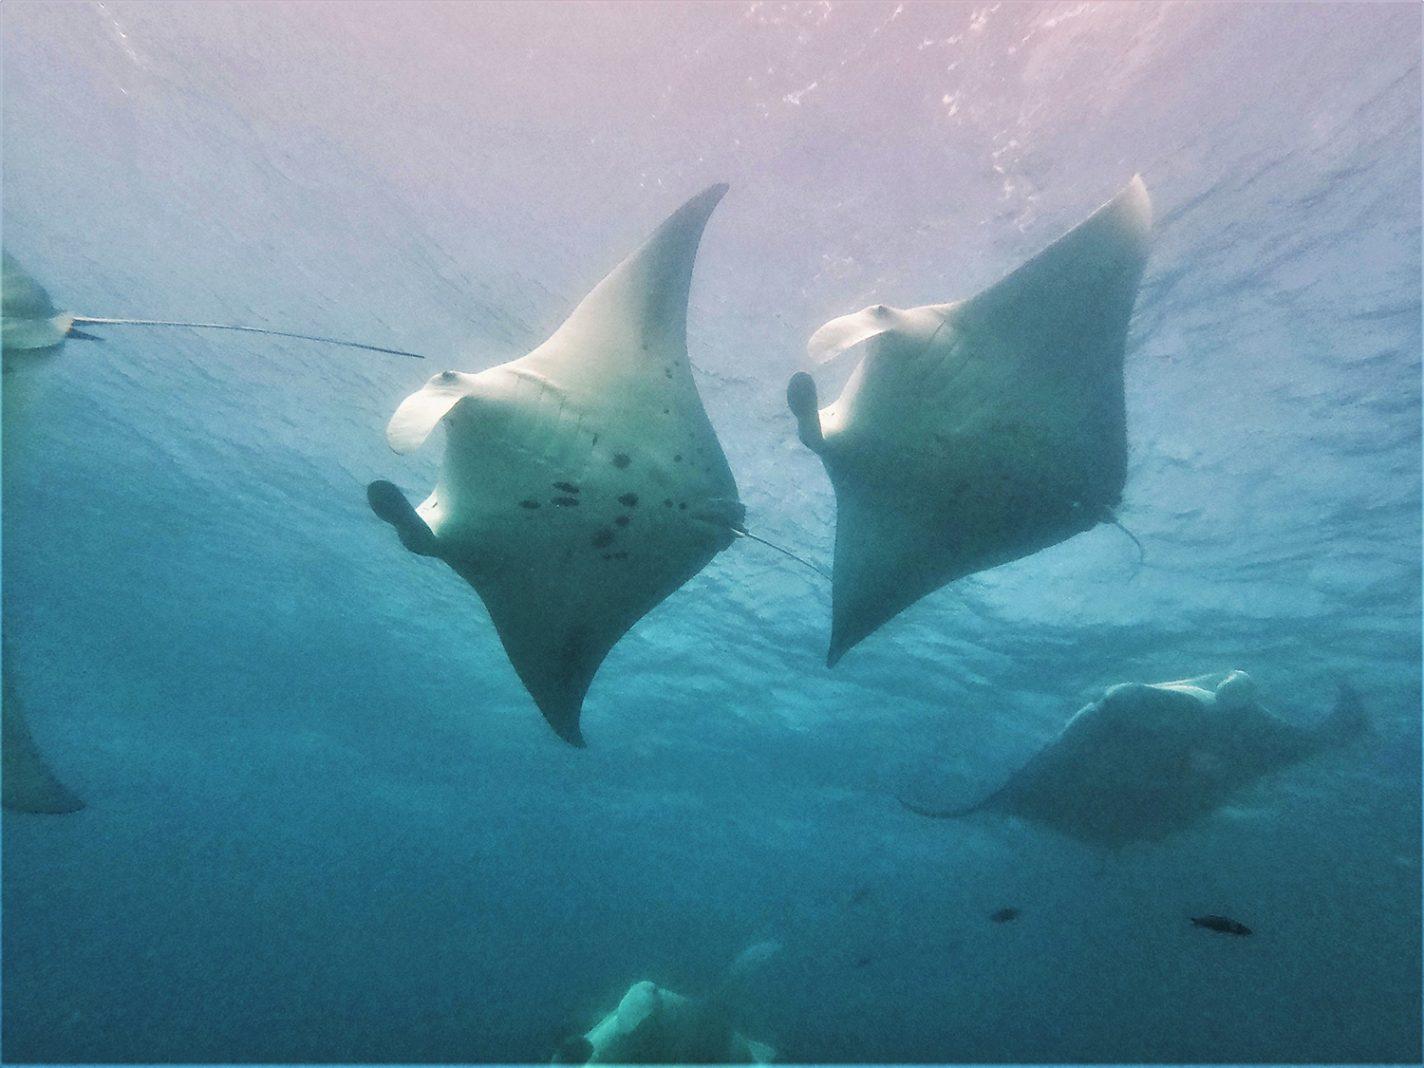 Manta's tijdens het duiken - Manta's boven ons hoofd